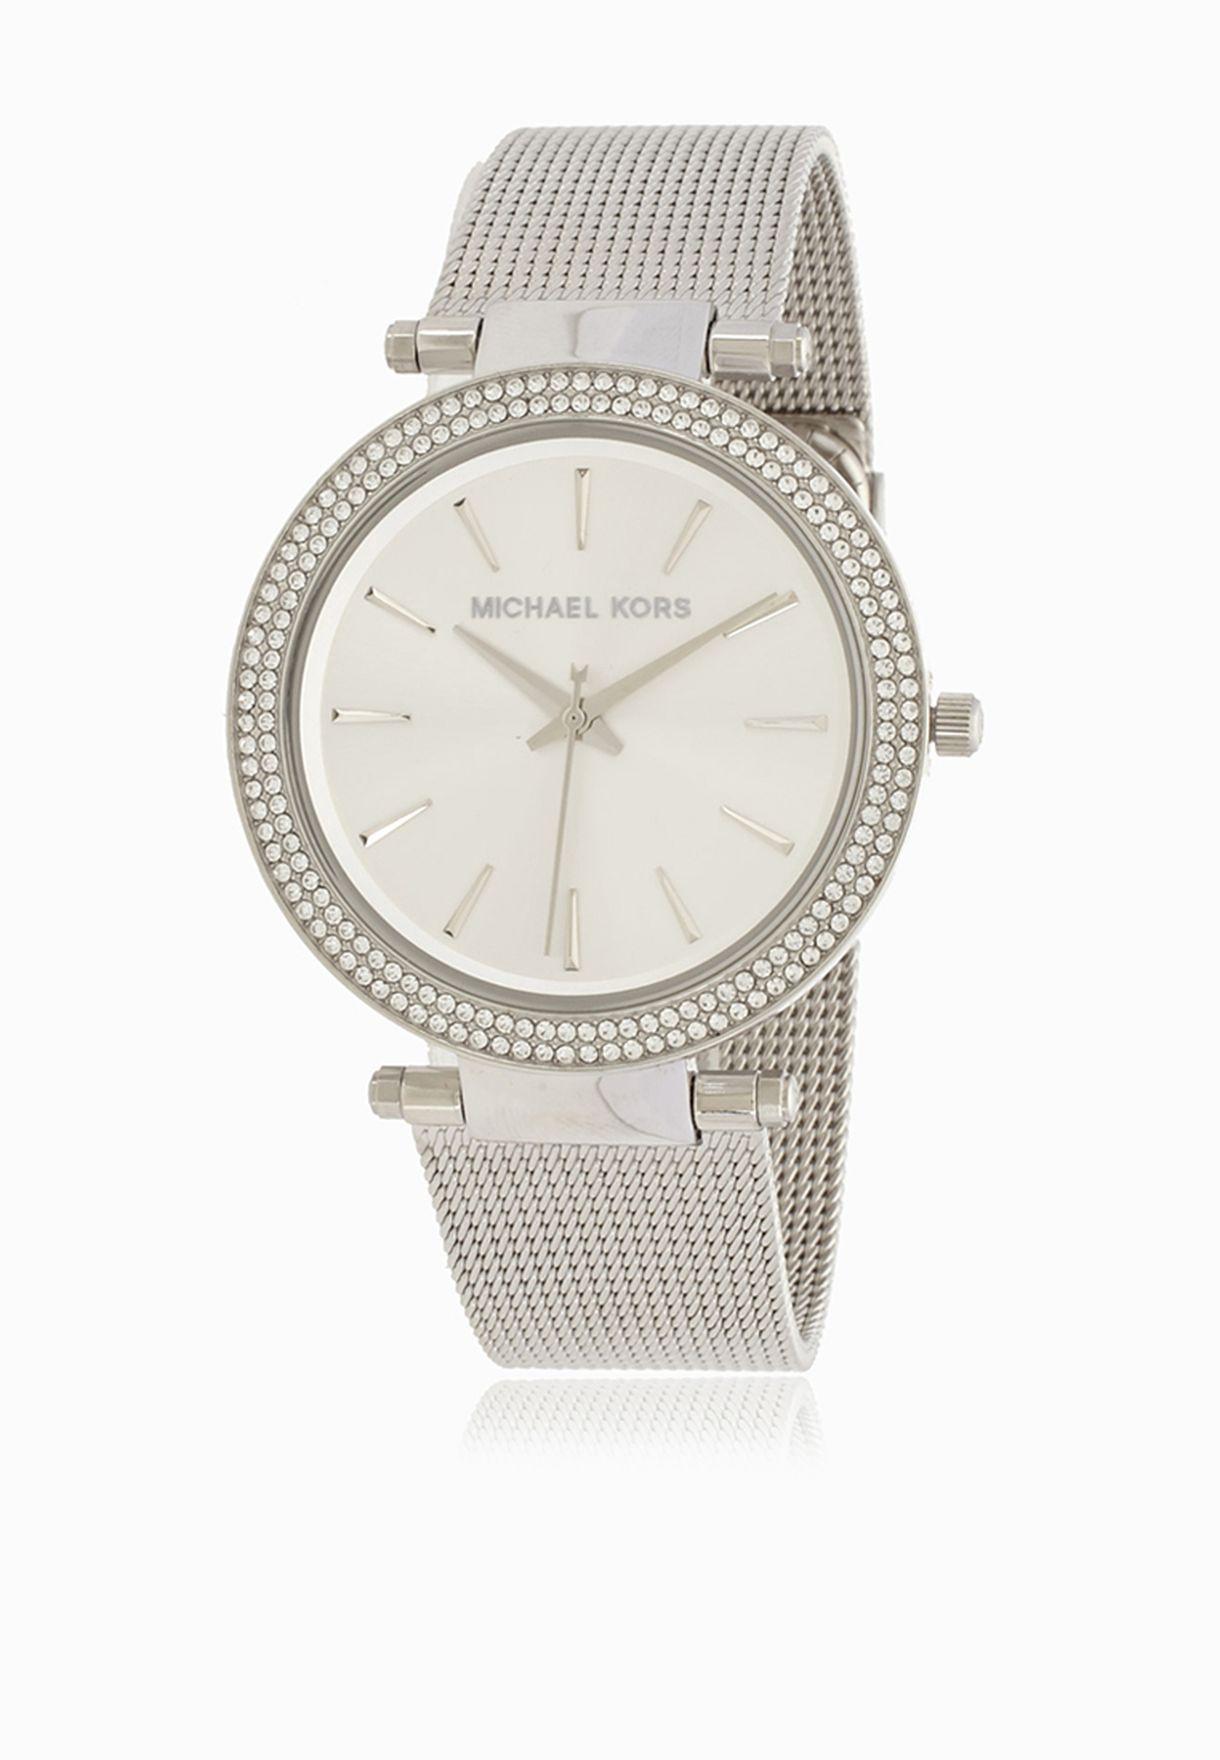 8b226bafef53 Shop Michael Kors silver Darci Watch MK3367 for Women in UAE ...